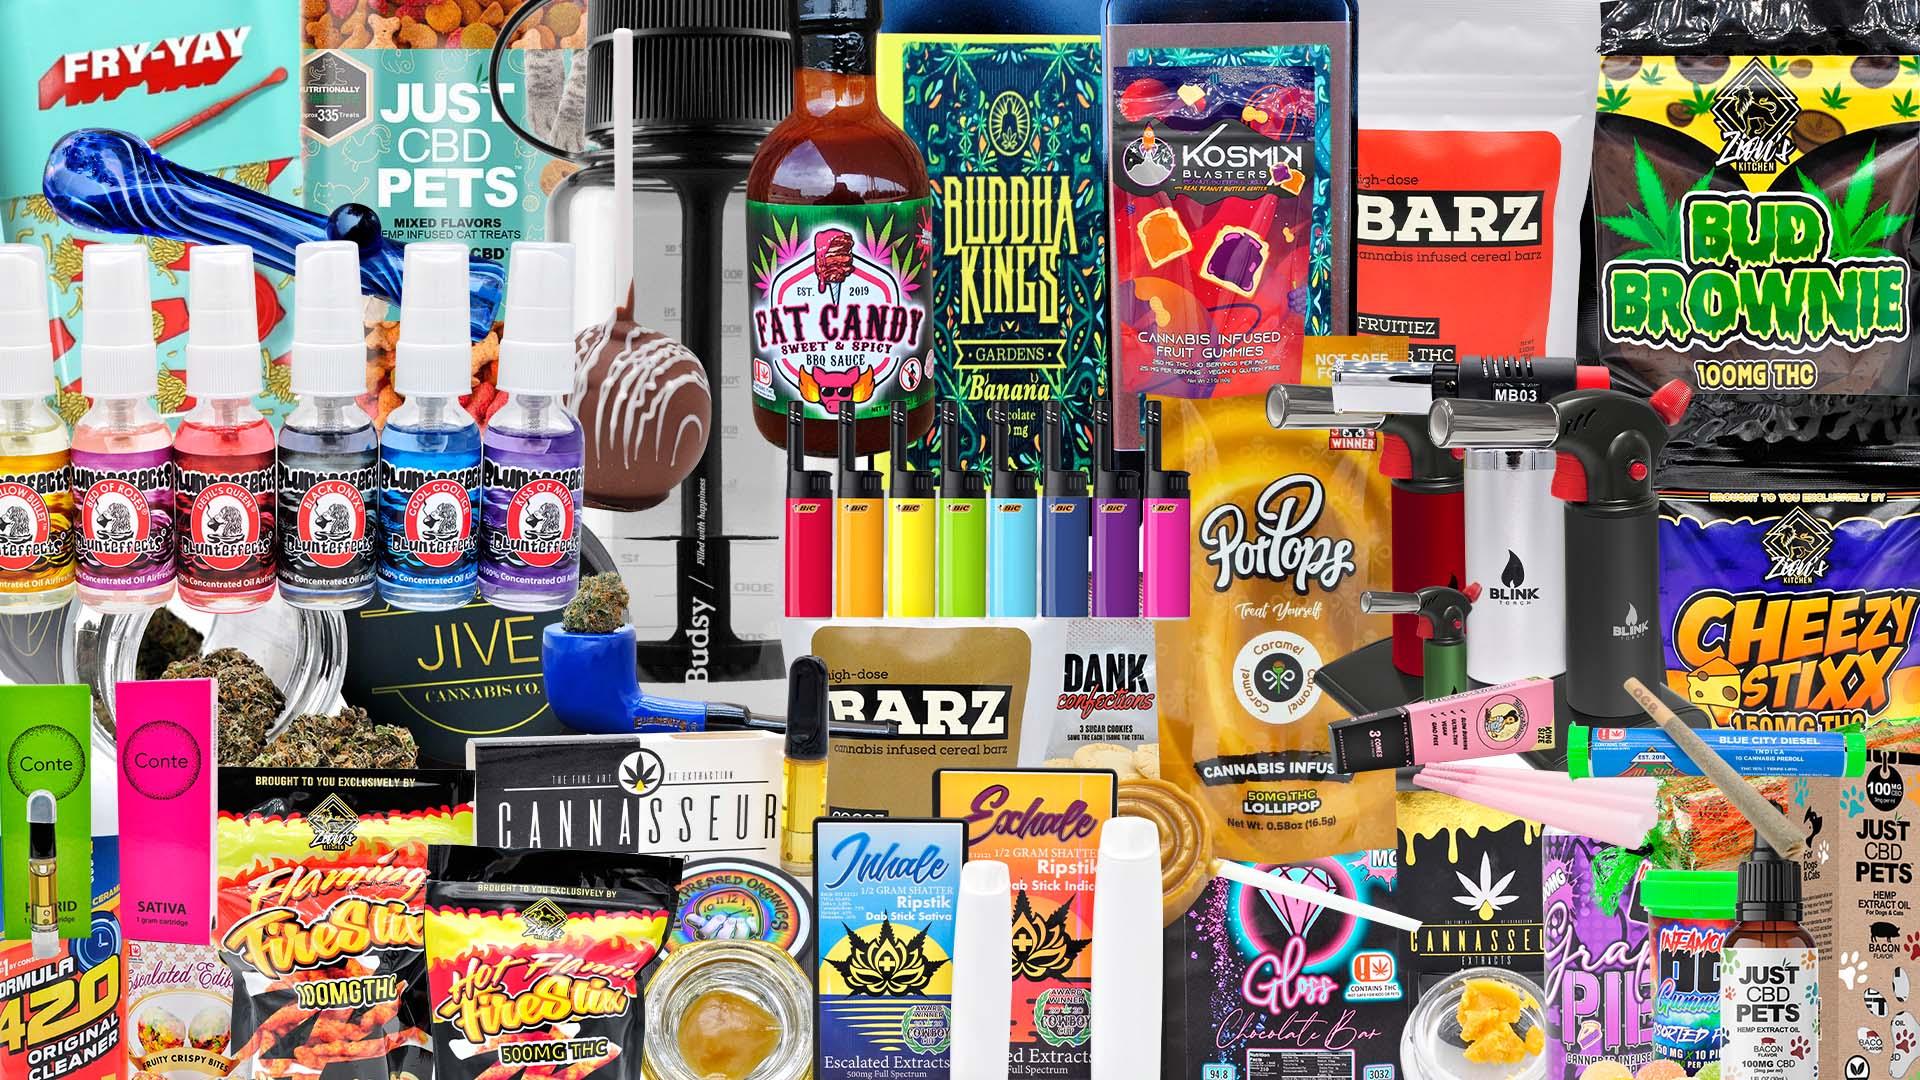 A cornucopia of FT curated brands.